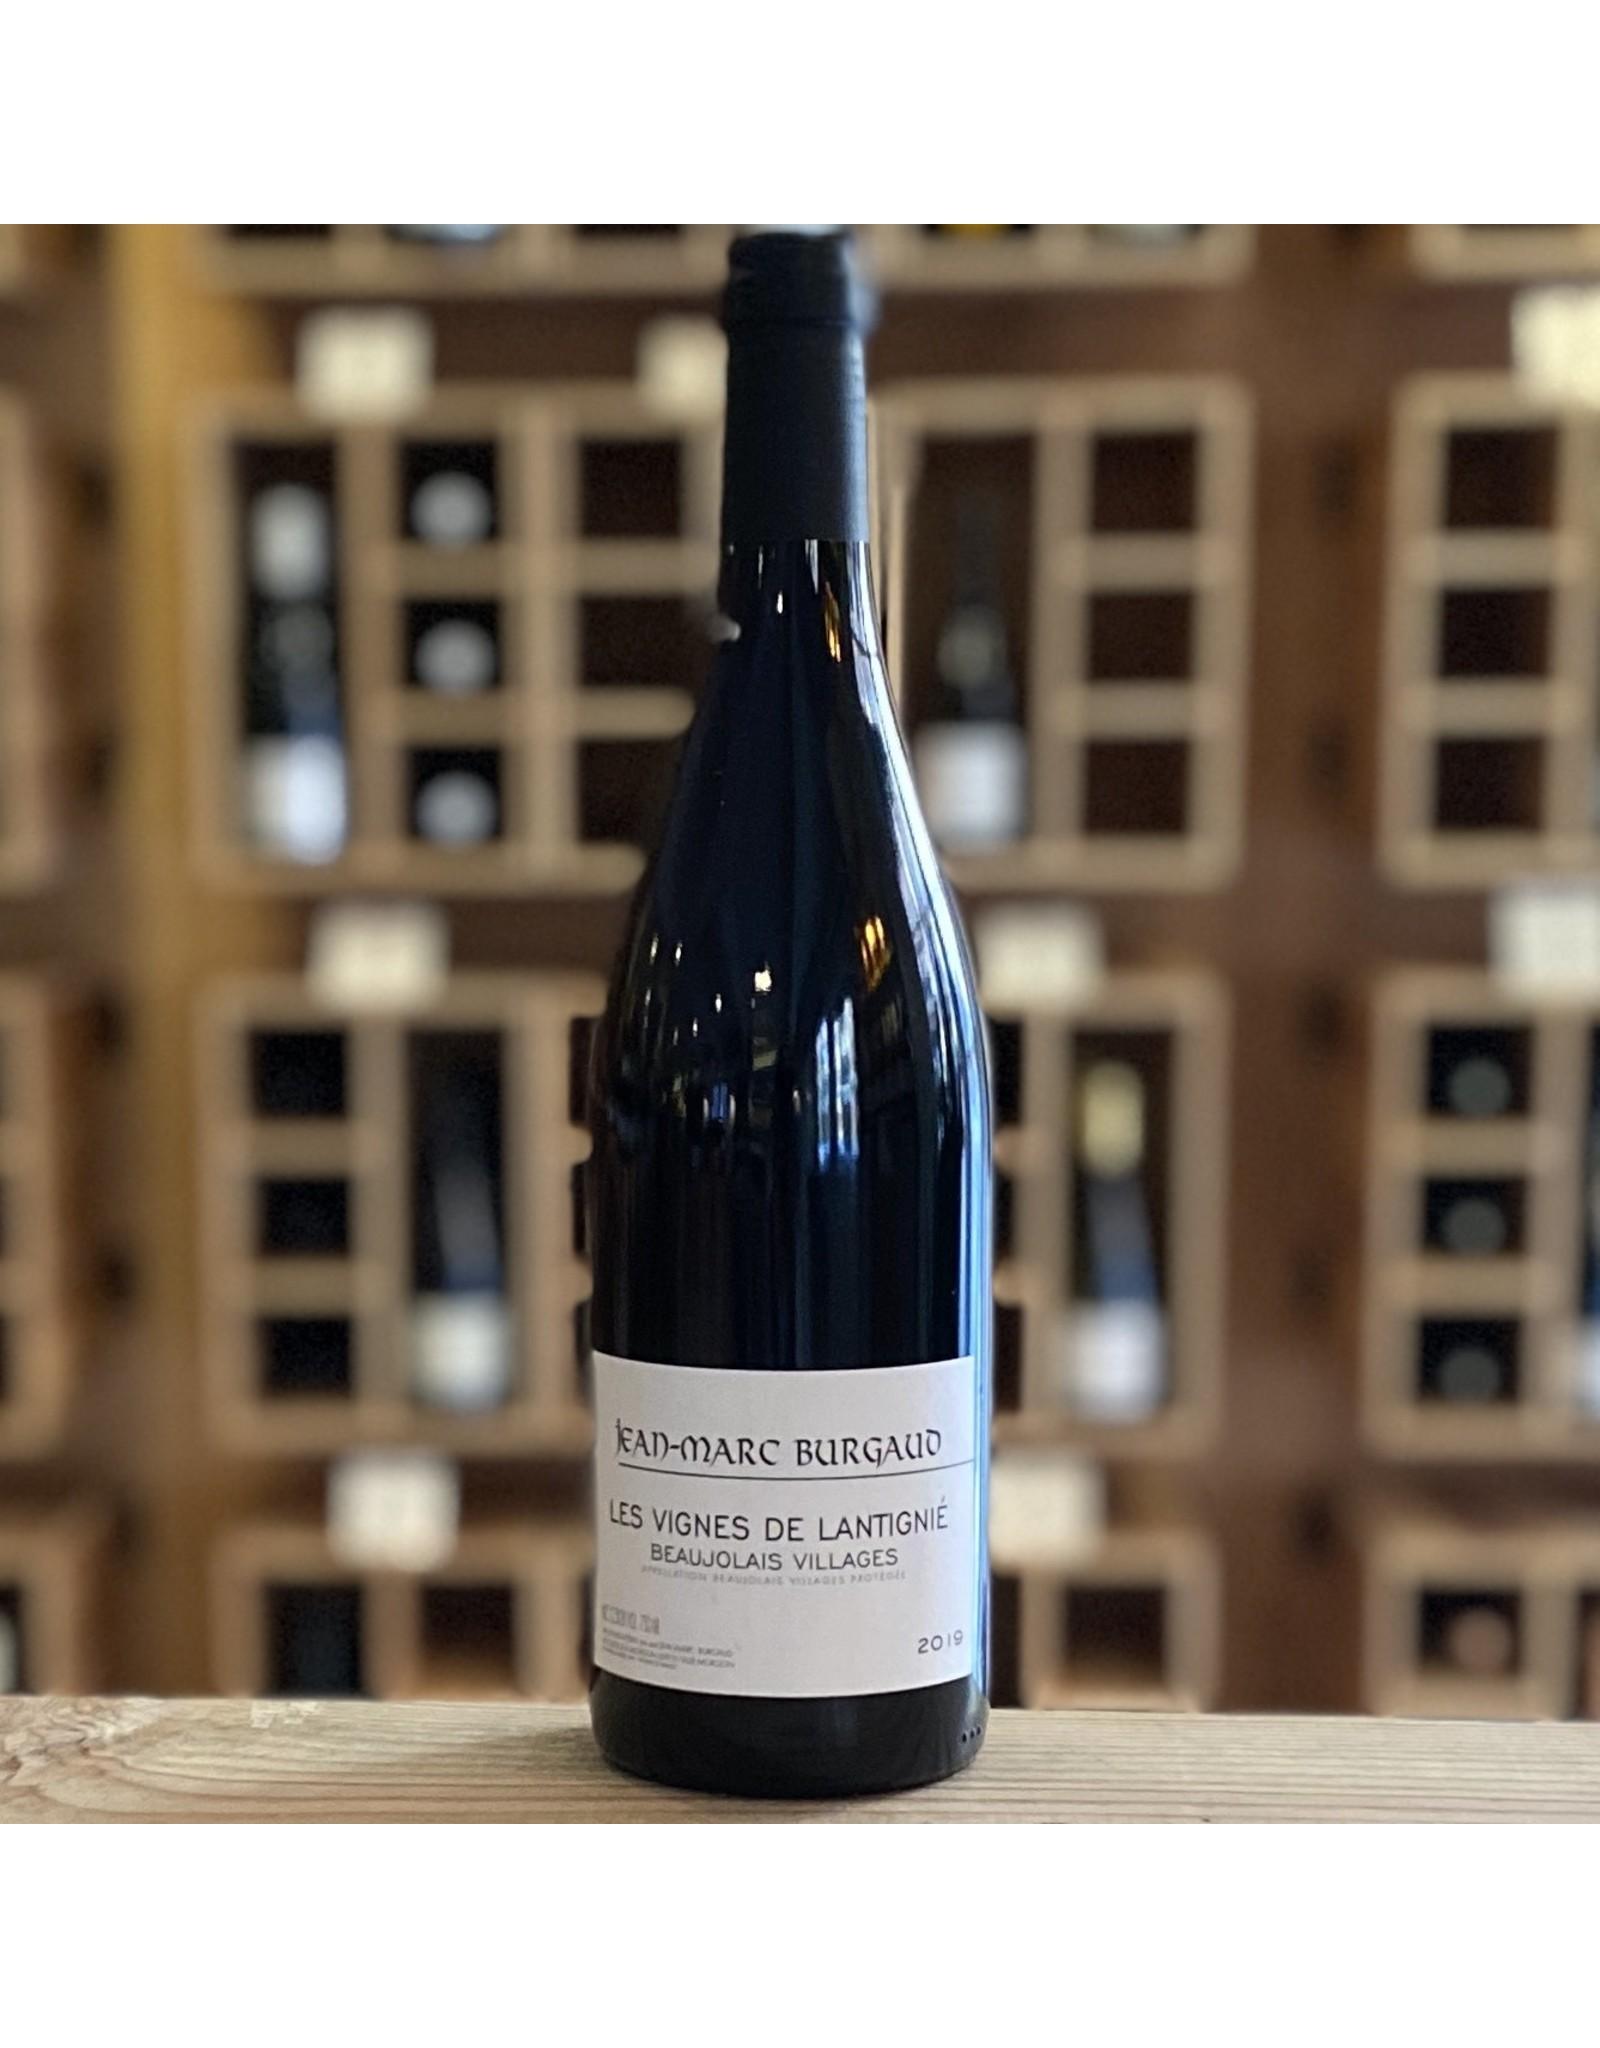 Burgundy Jean-Marc Burgaud ''Les Vignes de Lantignie'' Beaujolais-Villages 2019 - Burgundy, FR